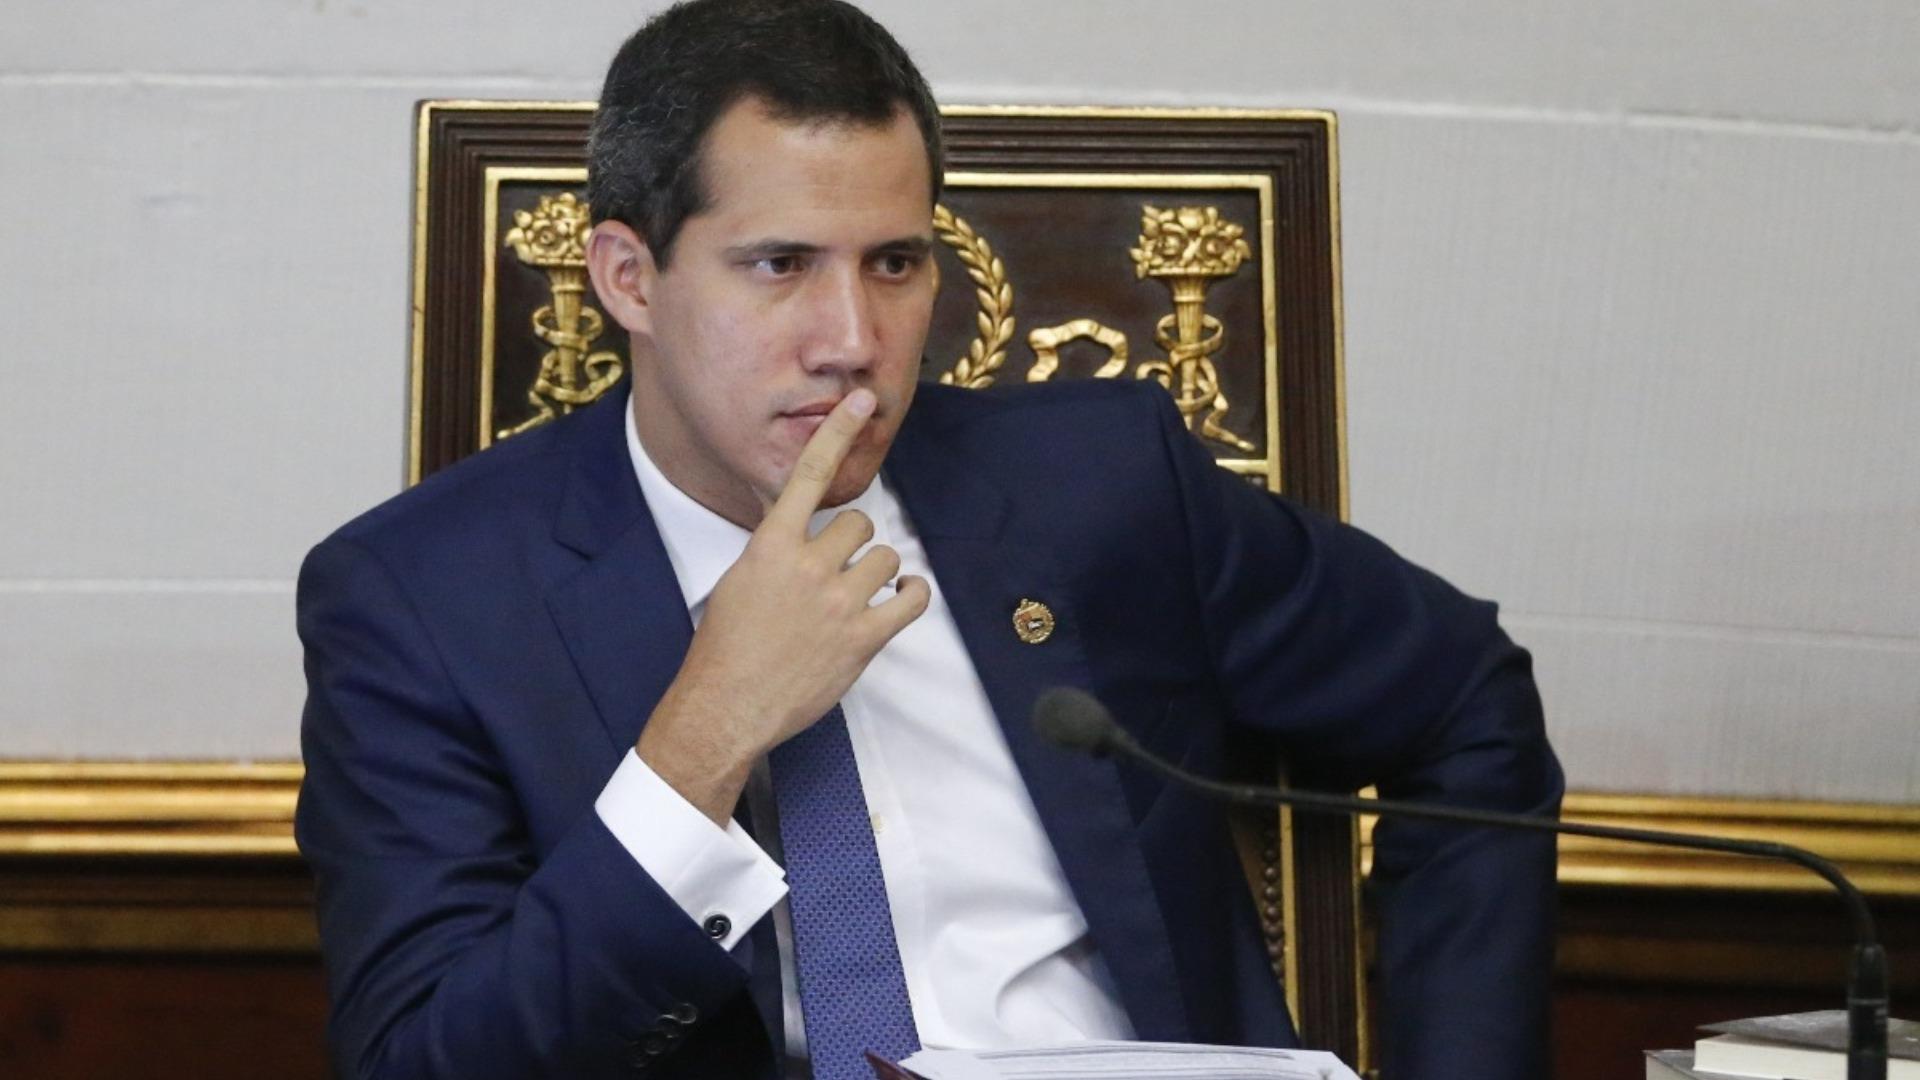 Fondos del Gobierno de Guaidó tienen movilidad reducida